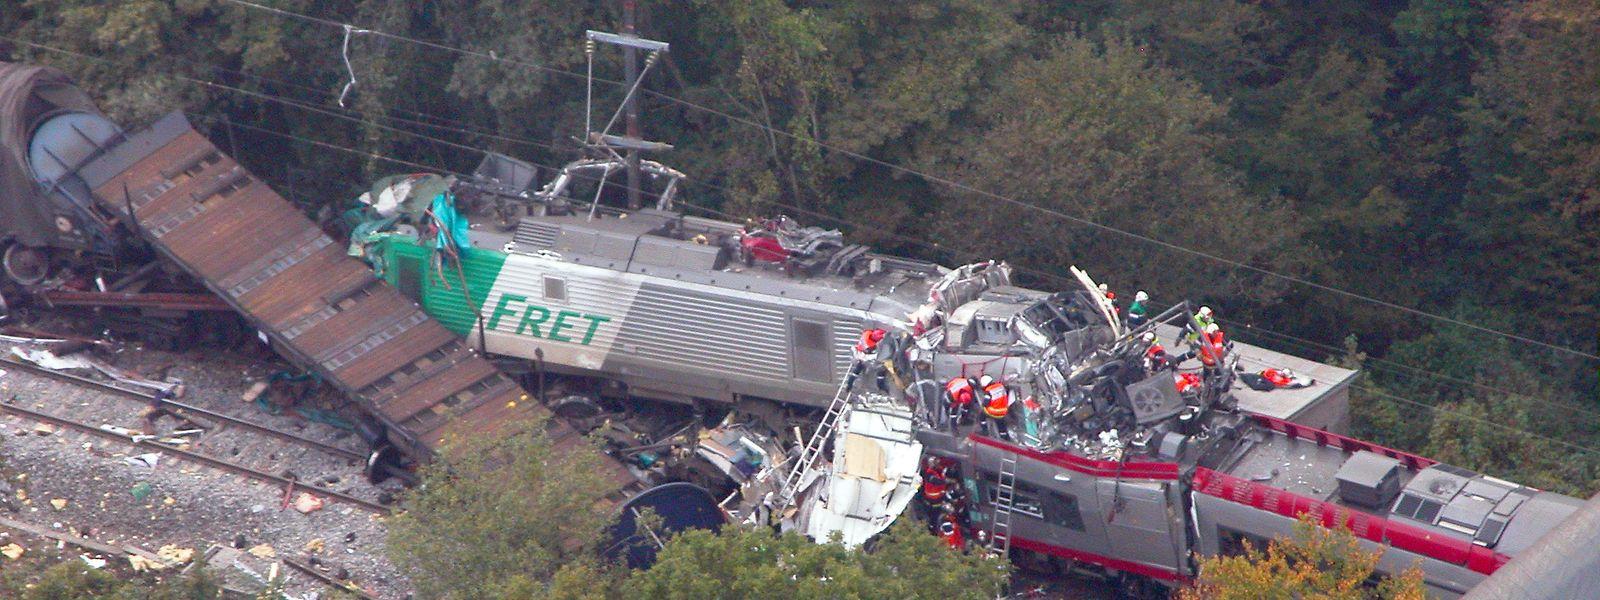 Imagem aérea do local do acidente de 2006.